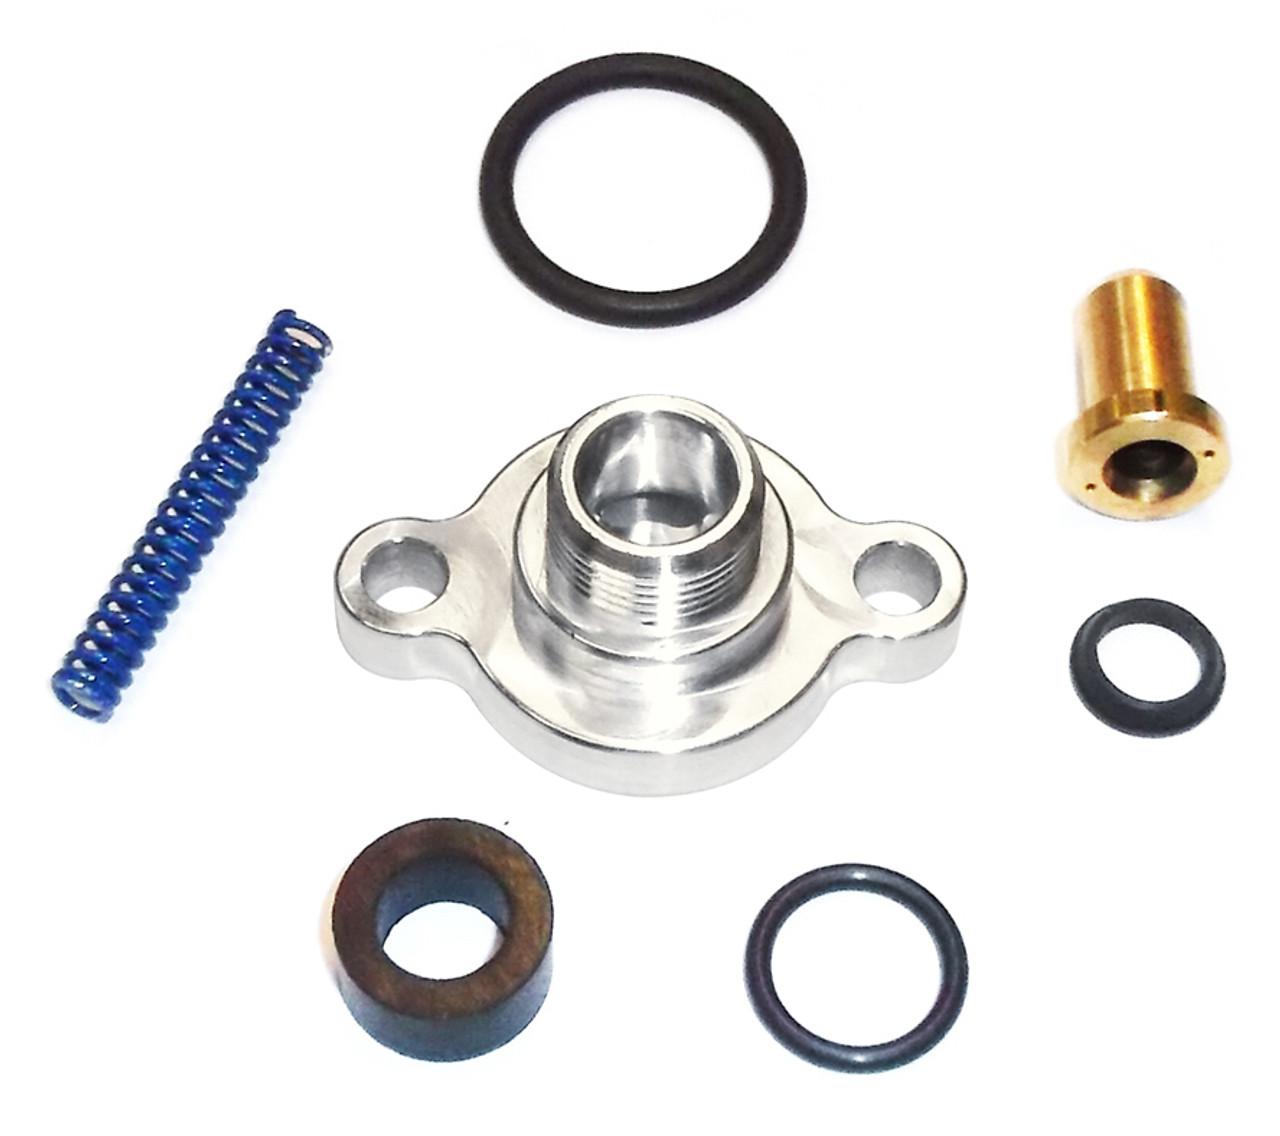 Ford 7 3L Fuel Pressure Regulator Billet Valve Cap Kit | ISK641